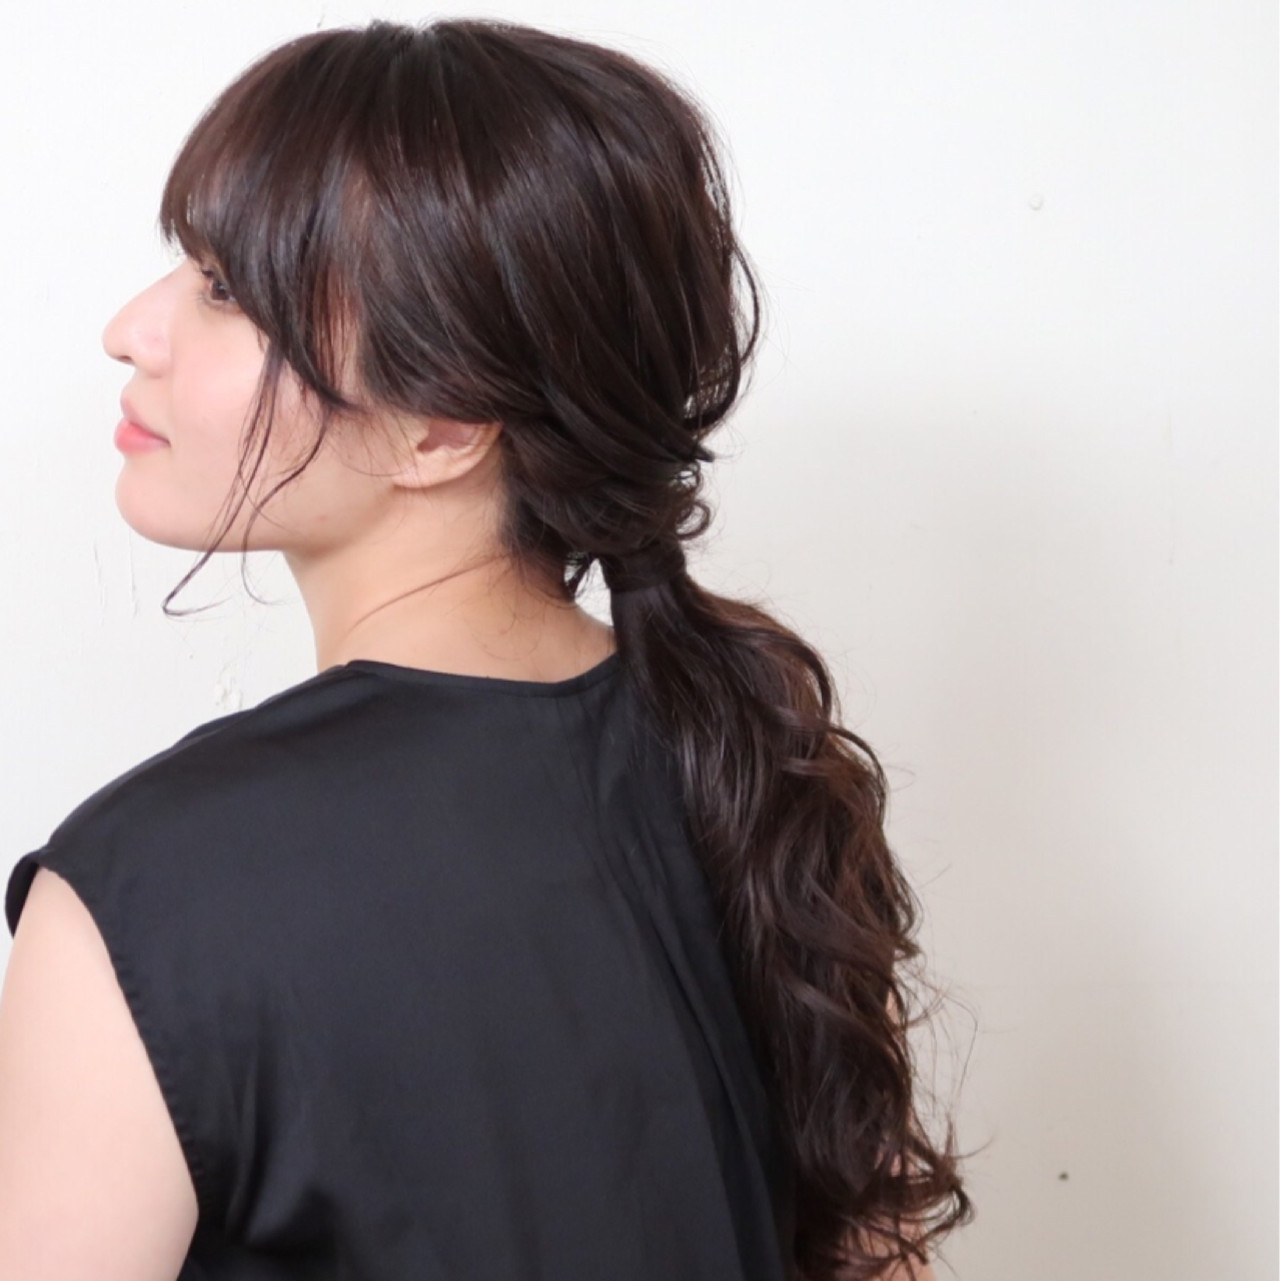 結婚式 ローポニーテール 大人かわいい ナチュラル ヘアスタイルや髪型の写真・画像